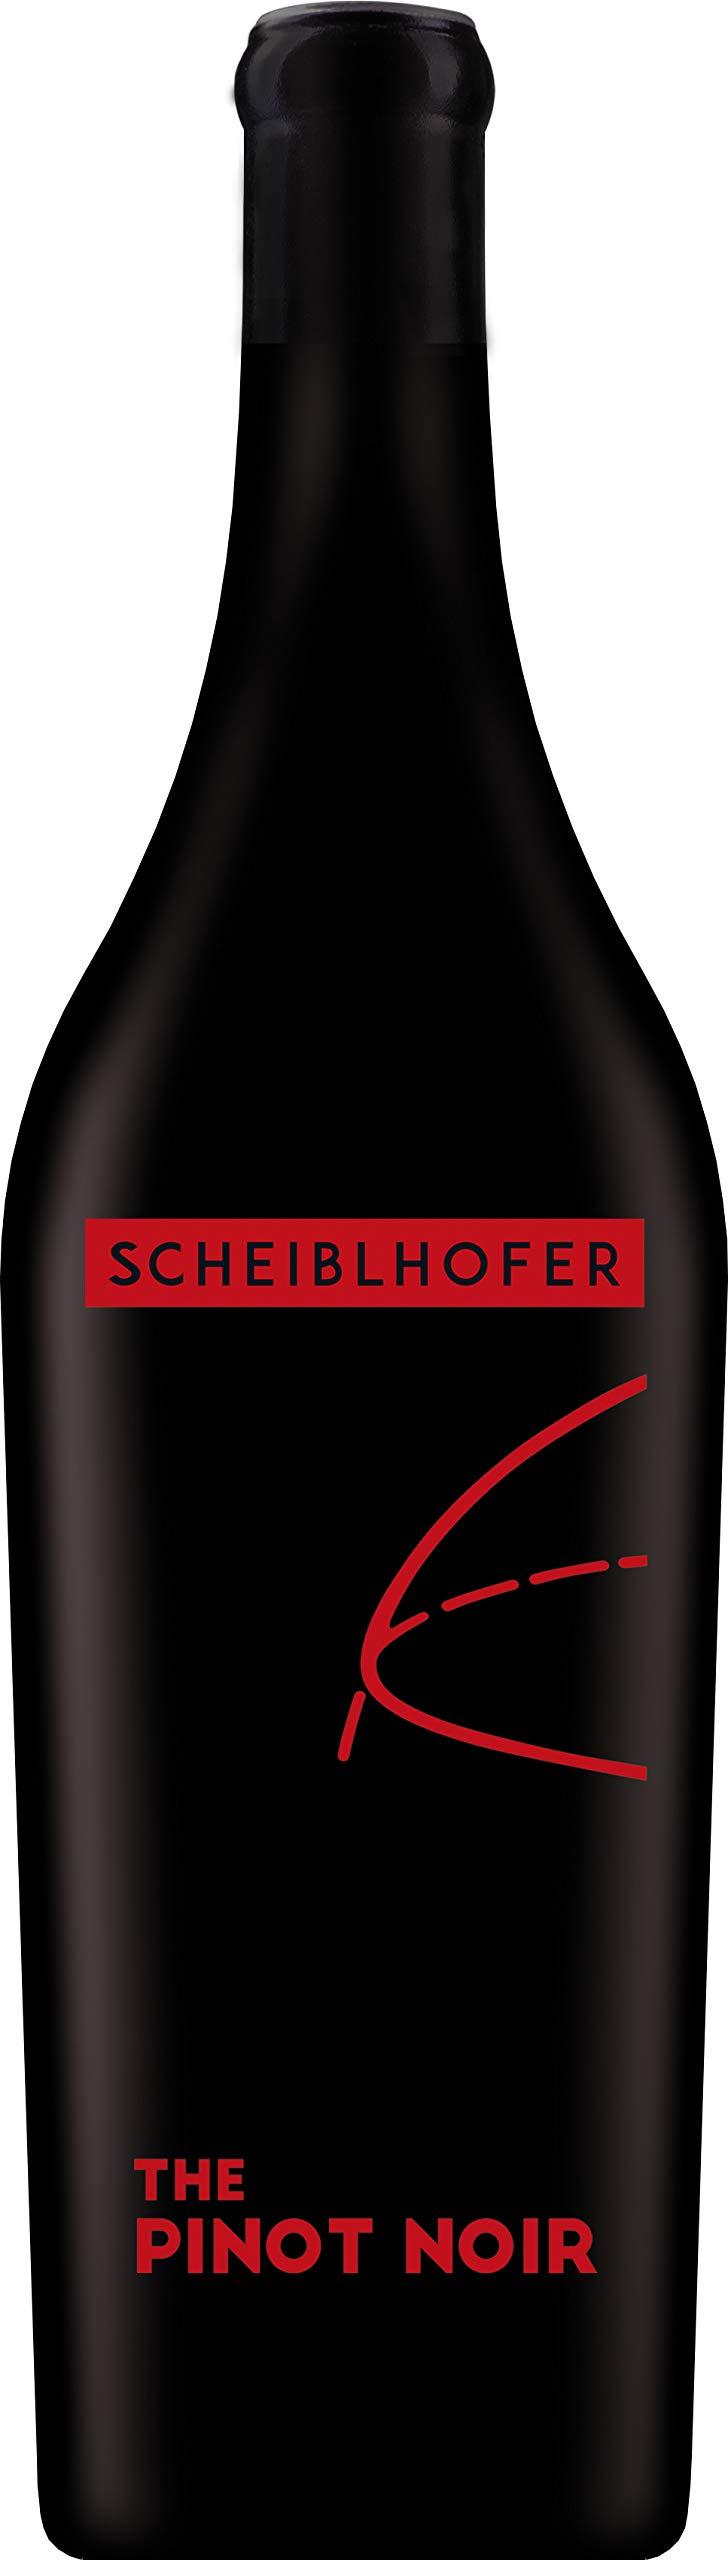 Erich-Scheiblhofer-The-Pinot-Noir-2017